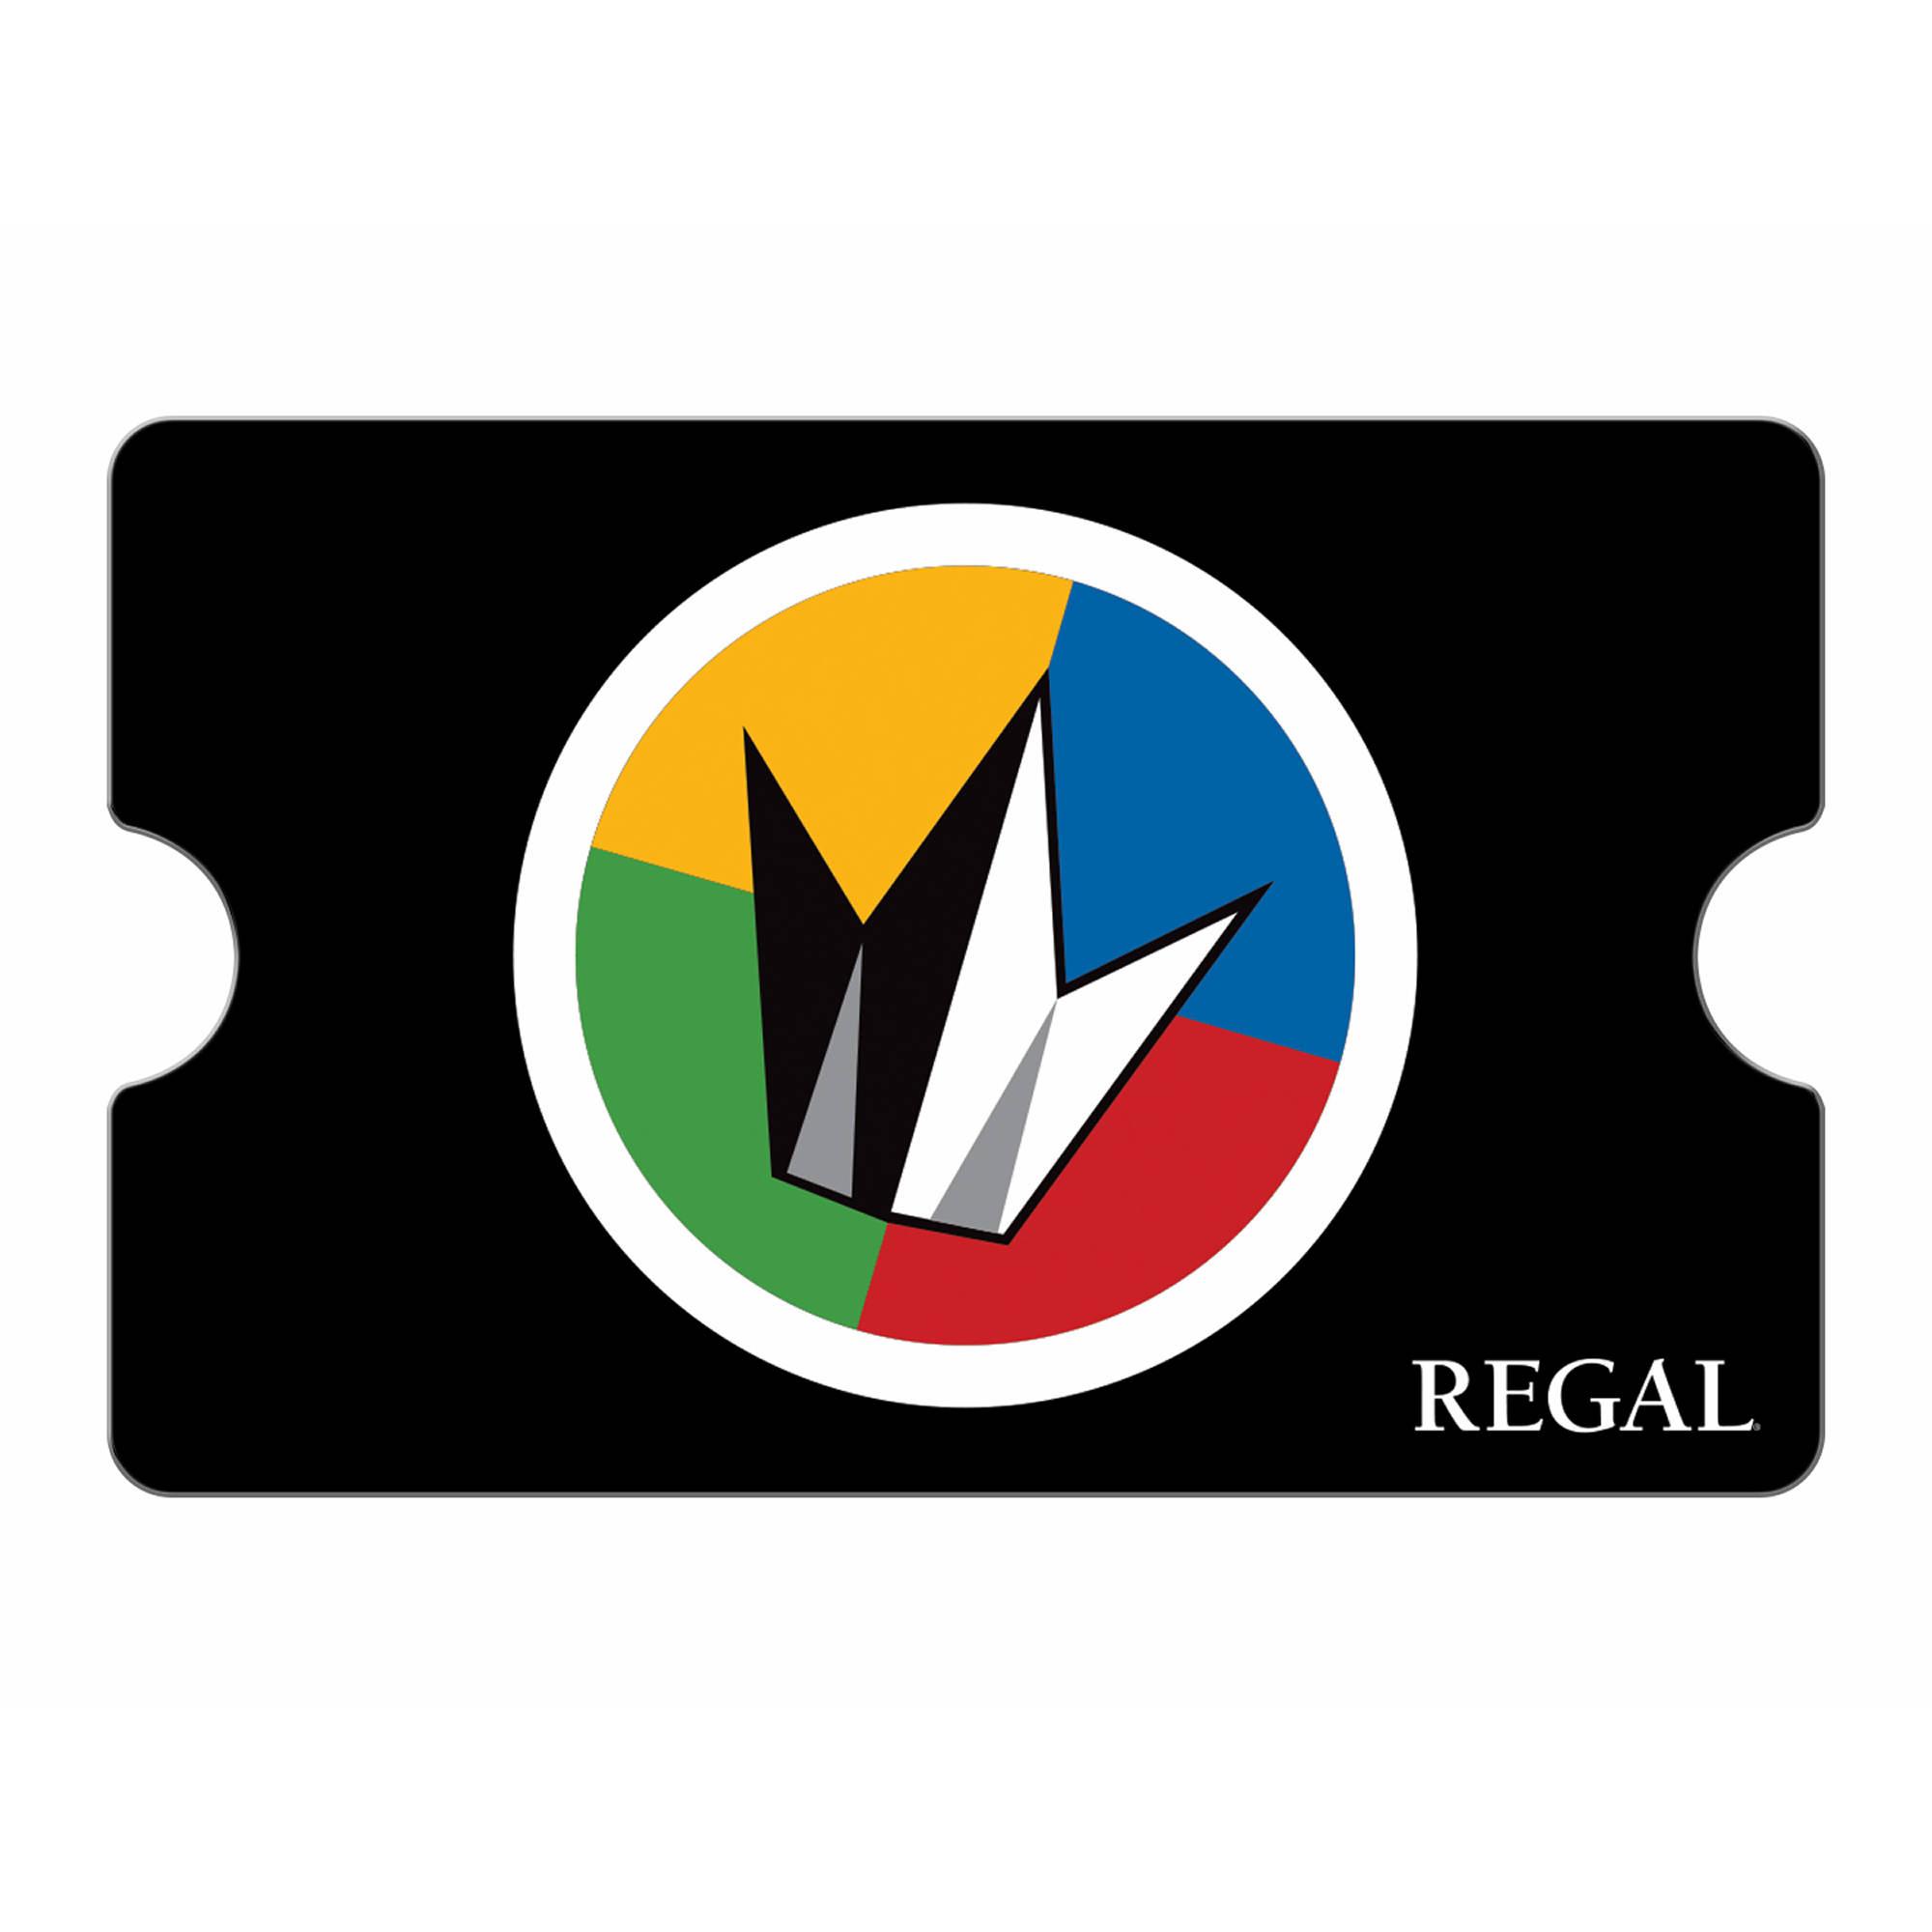 regal entertainment group premiere movie ticket pk bj s regal entertainment group premiere movie ticket 2 pk